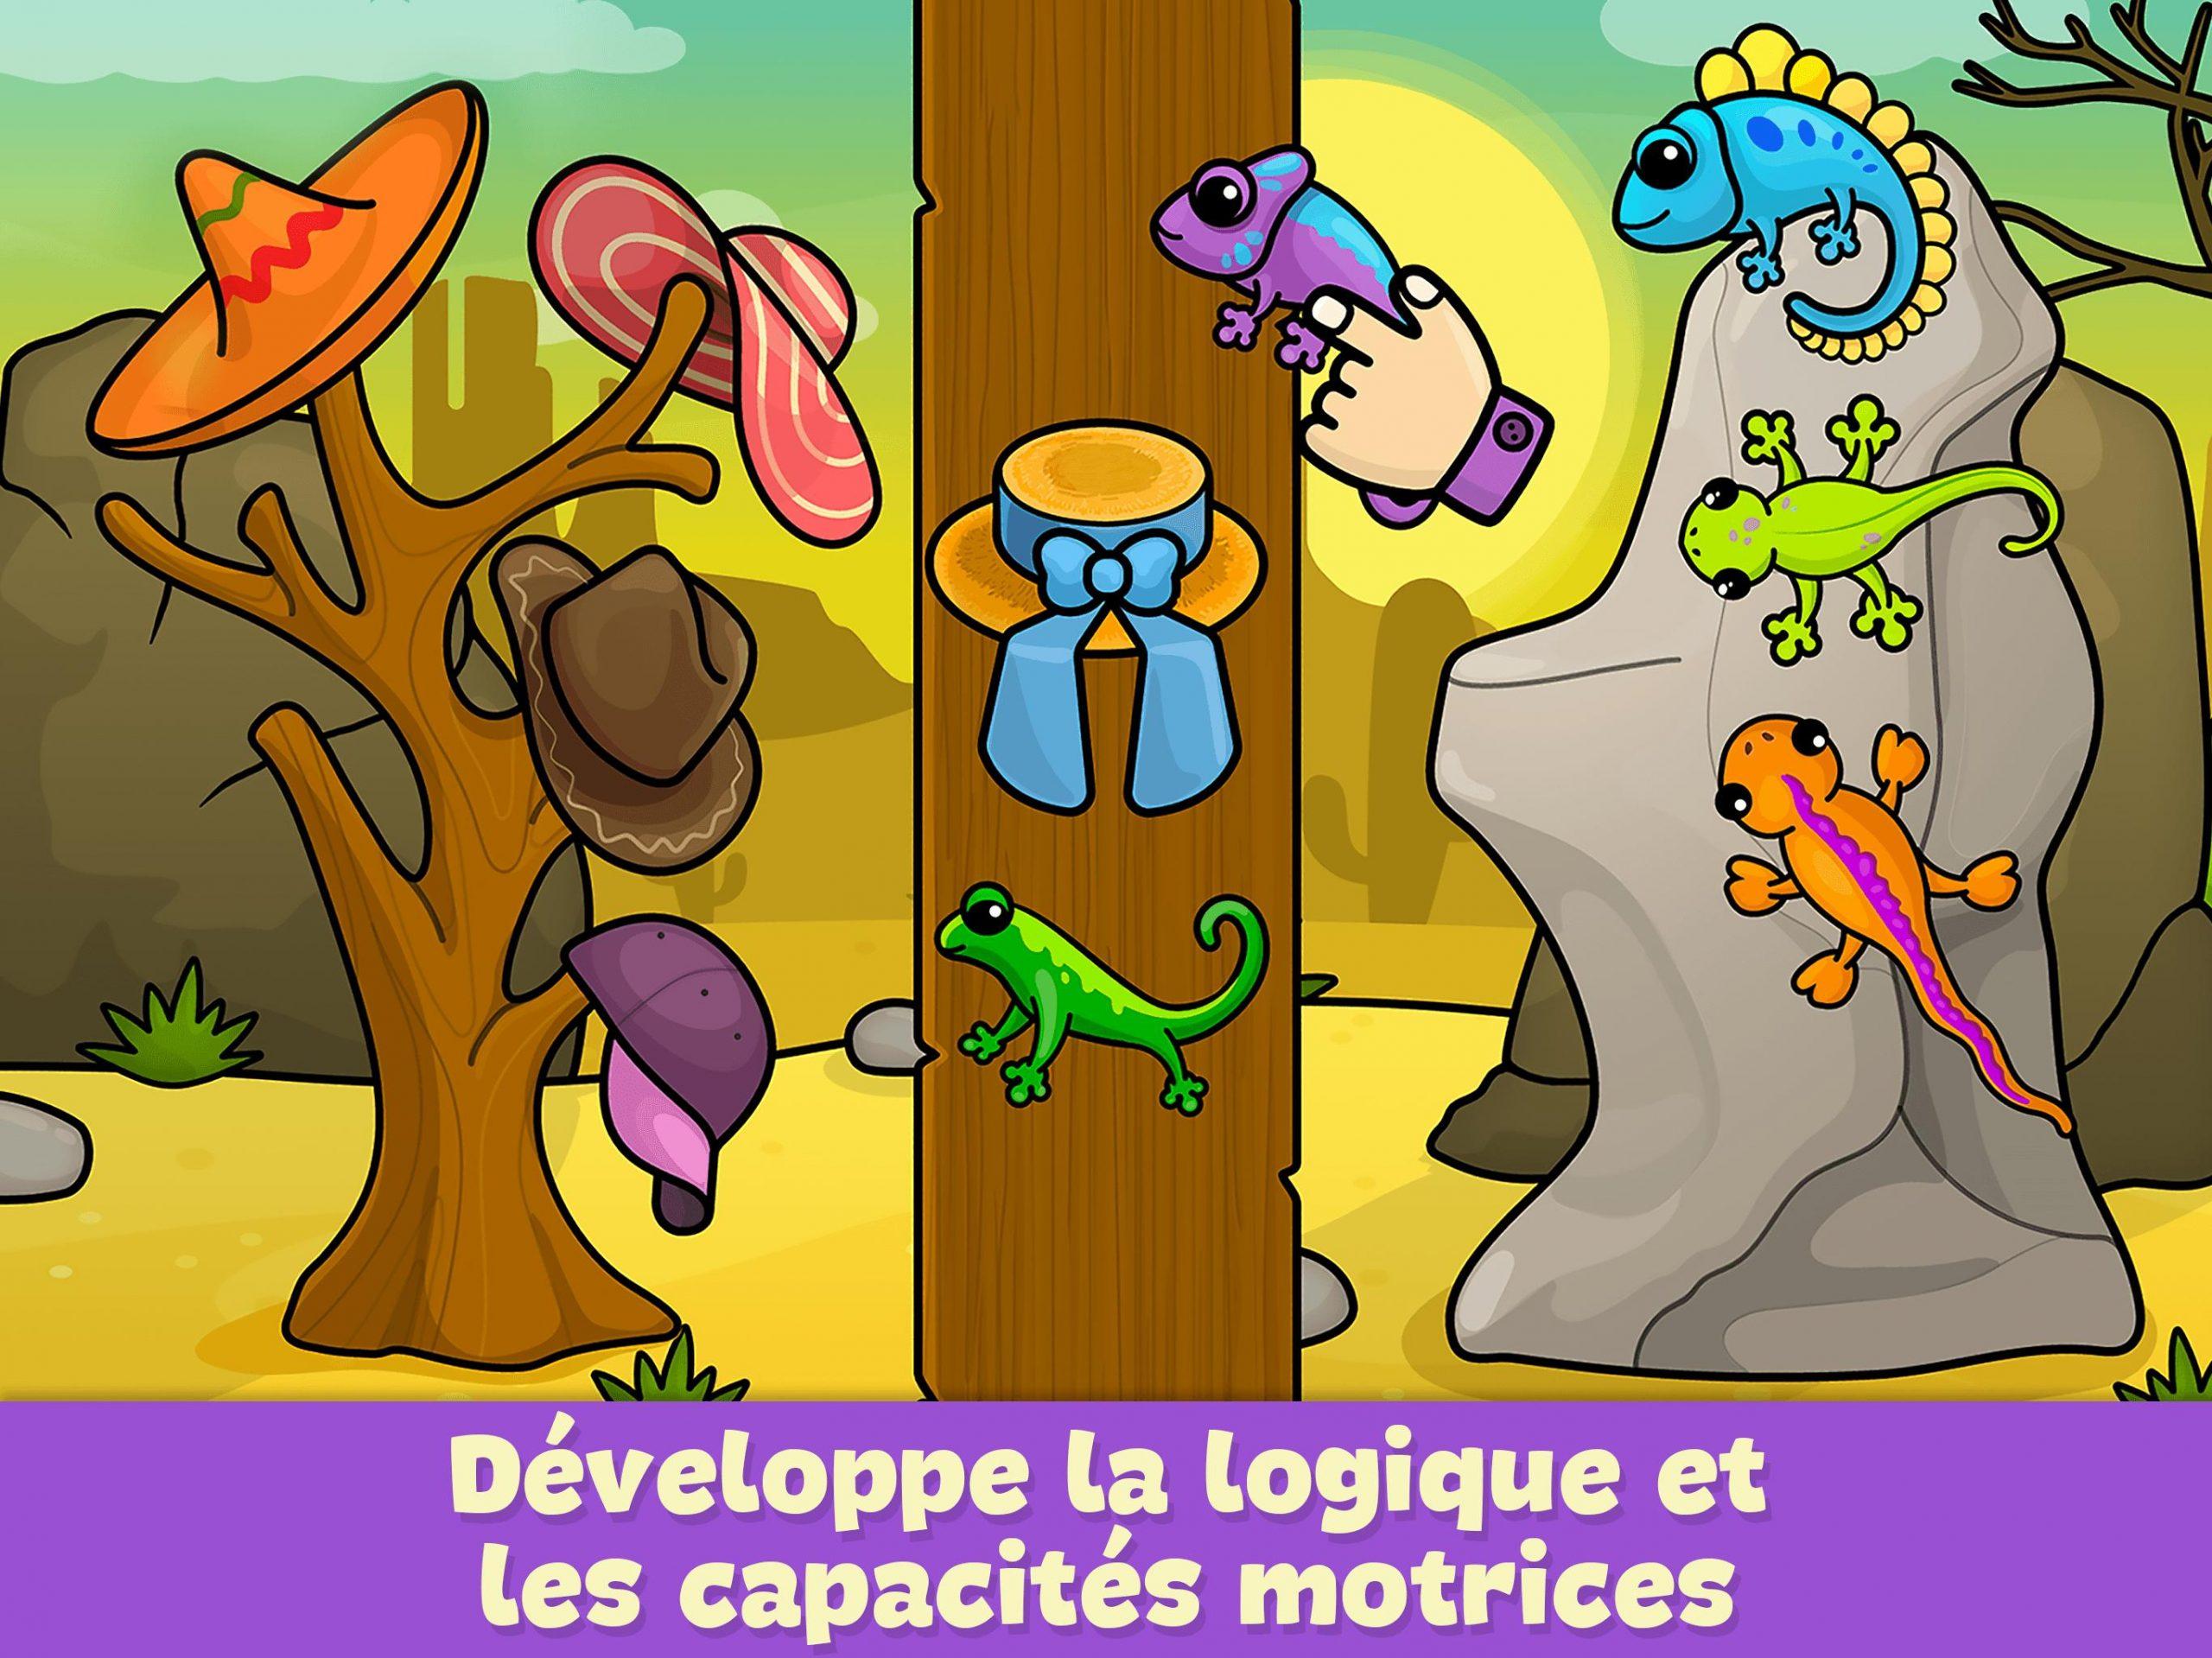 Jeux Pour Enfants 2 - 5 Ans Pour Android - Téléchargez L'apk dedans Jeux Gratuit Fille 5 Ans